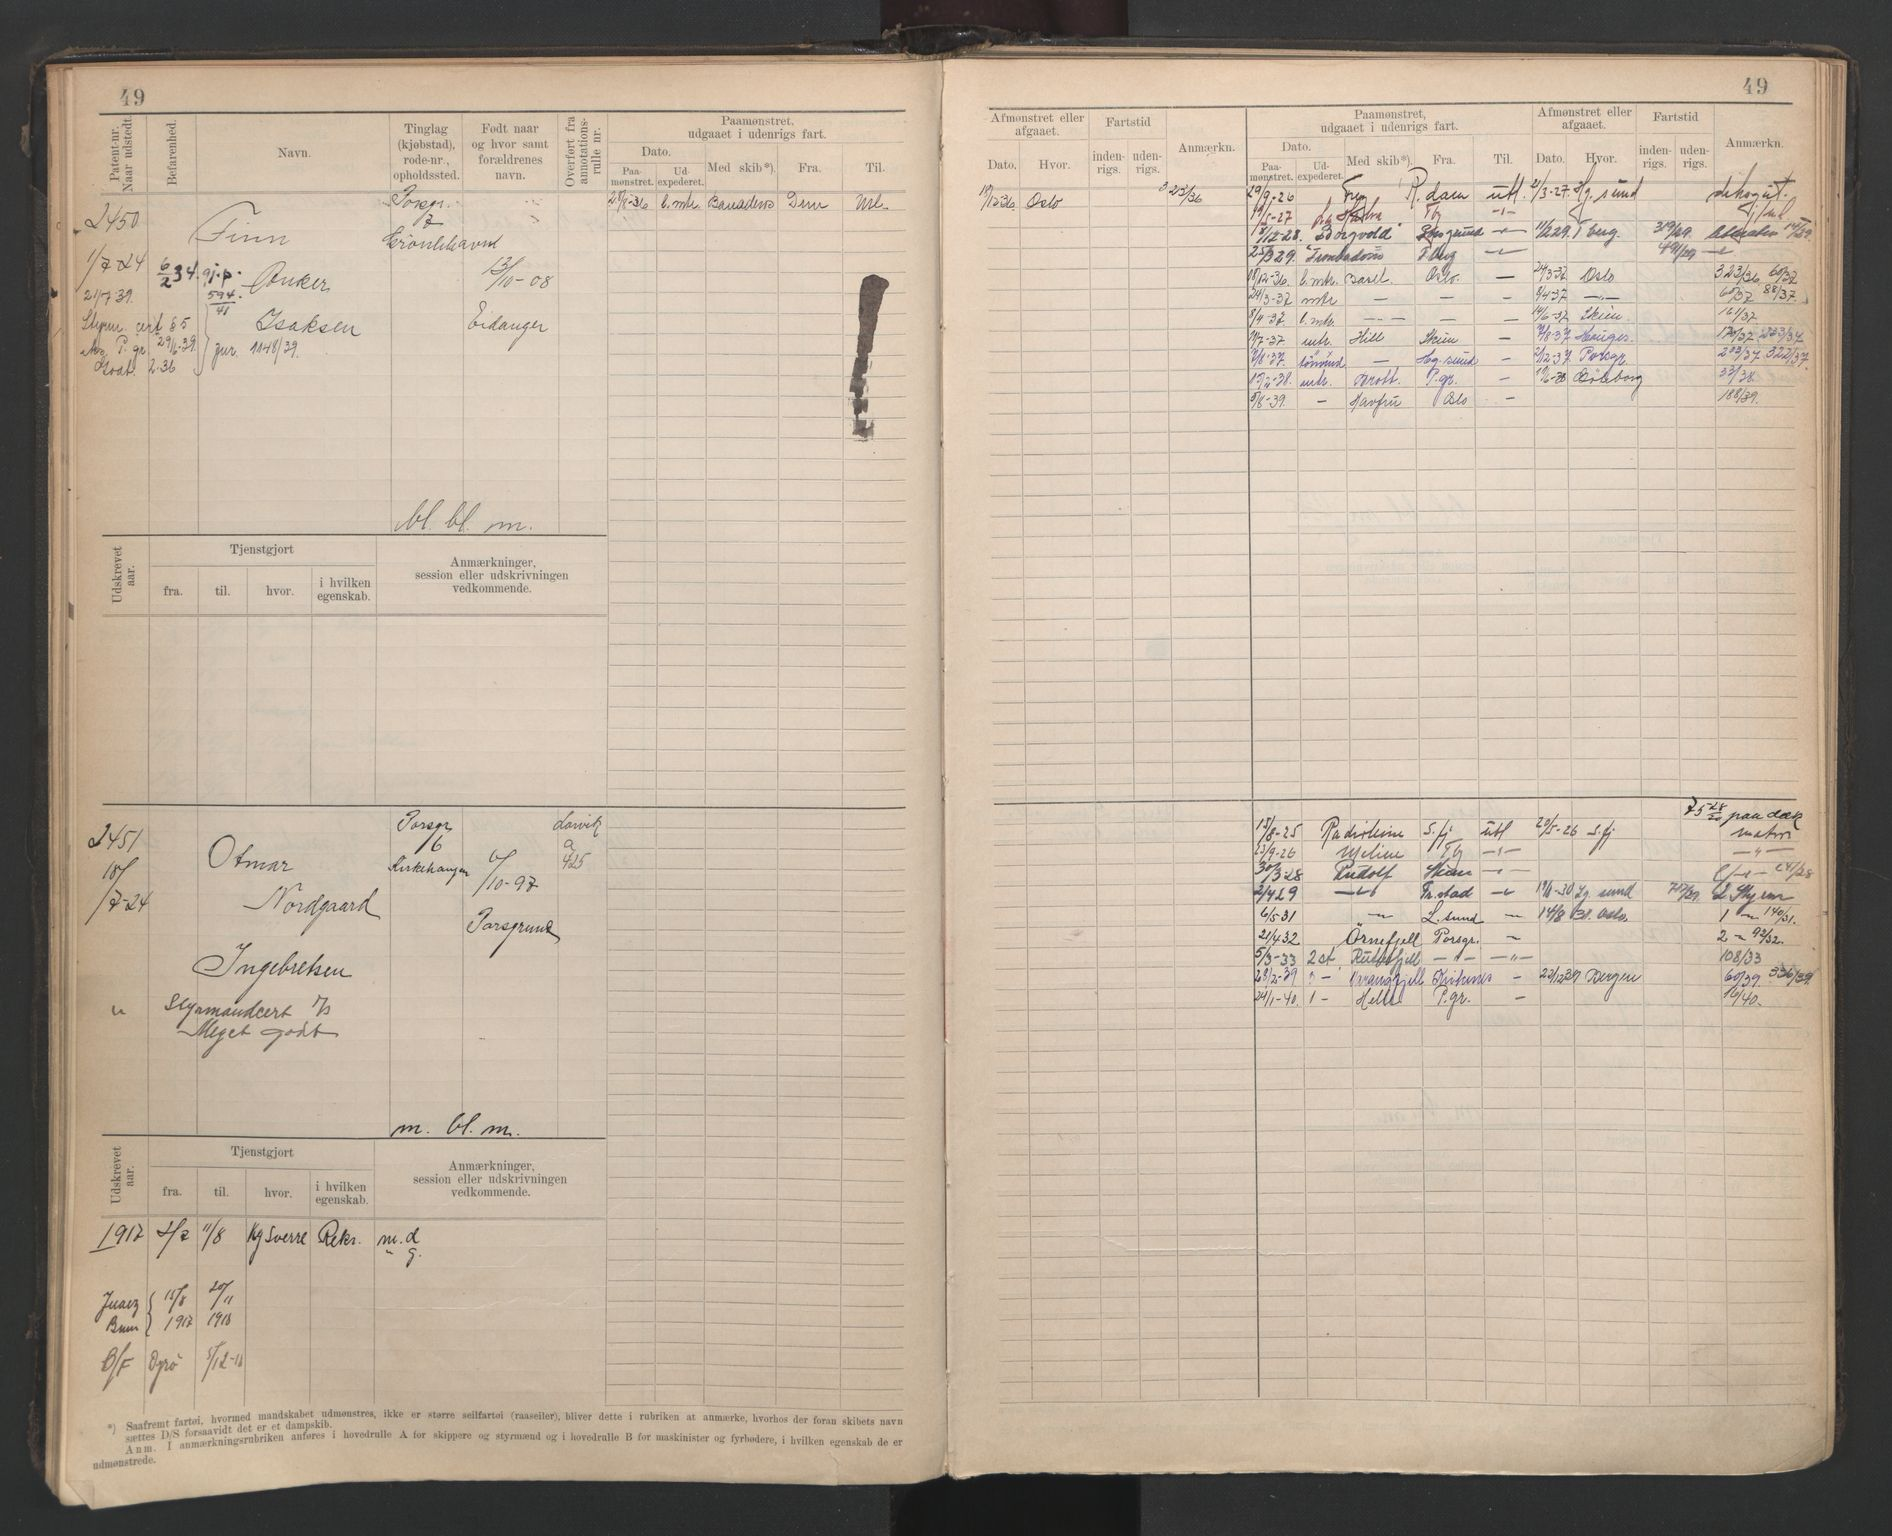 SAKO, Porsgrunn innrulleringskontor, F/Fb/L0007: Annotasjonsrulle, 1926-1948, s. 49